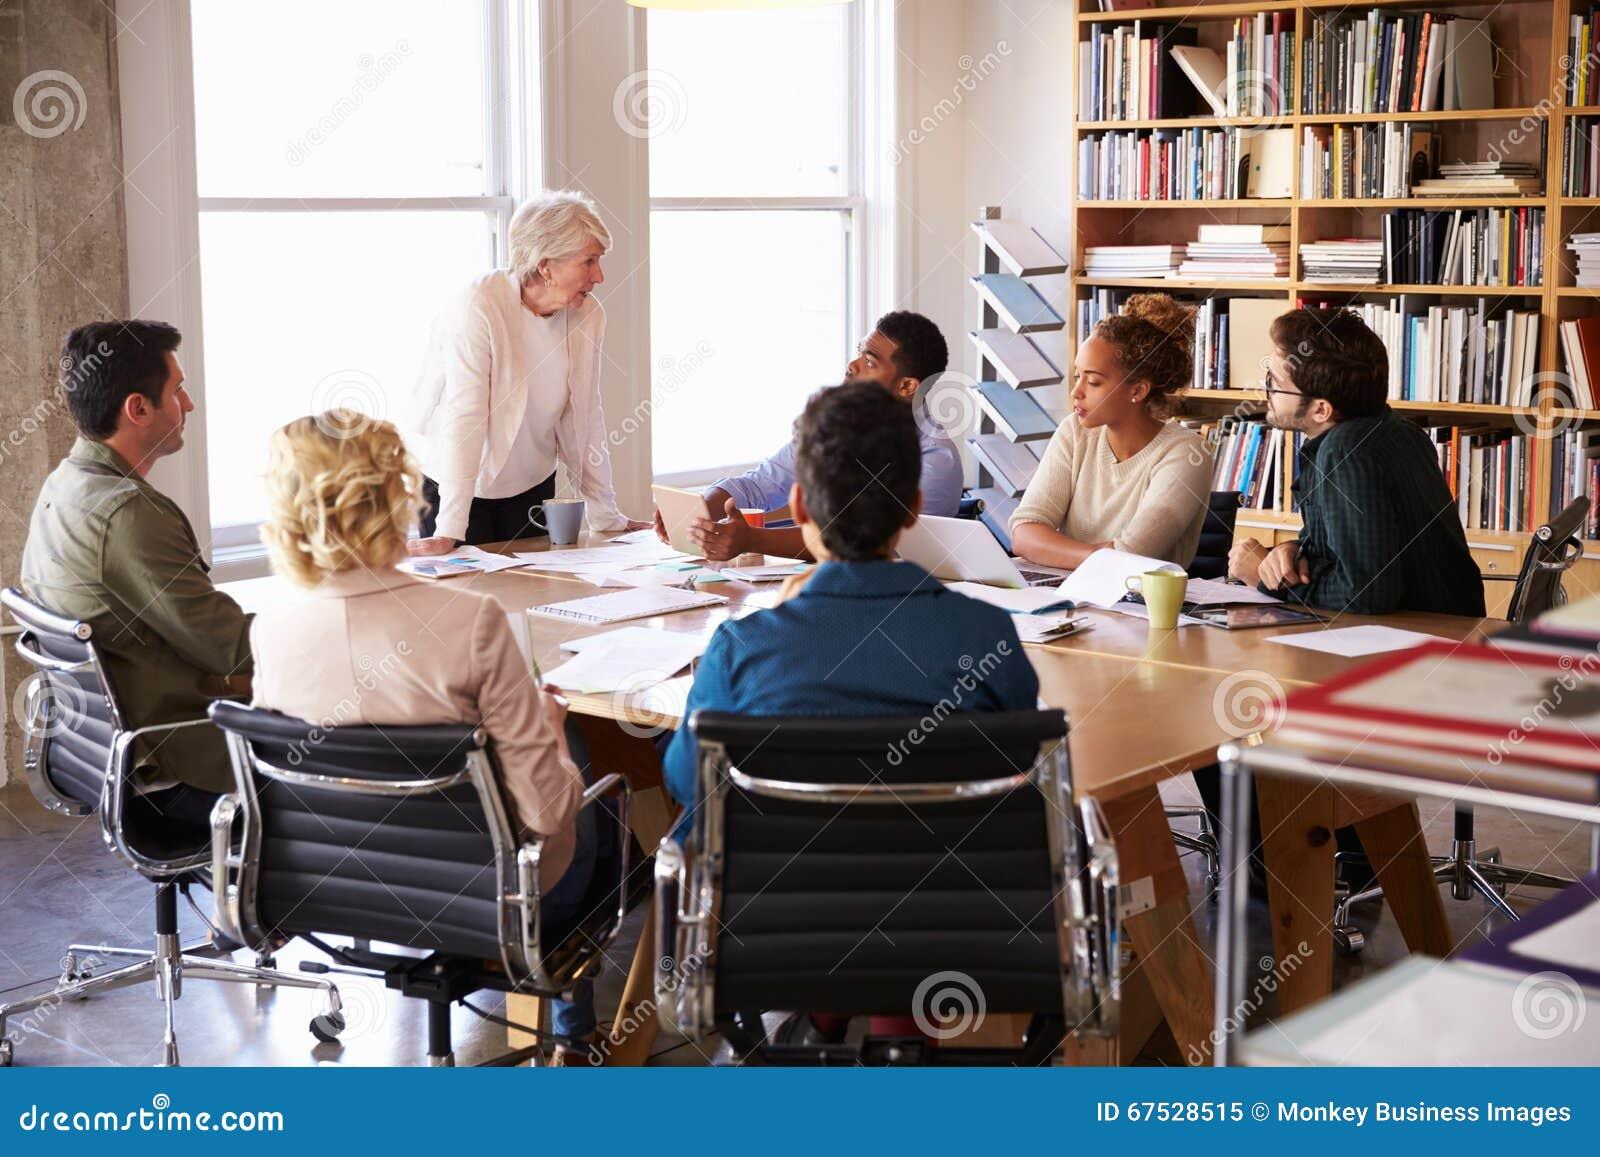 Hög affärskvinna Addressing Team Meeting Around Table